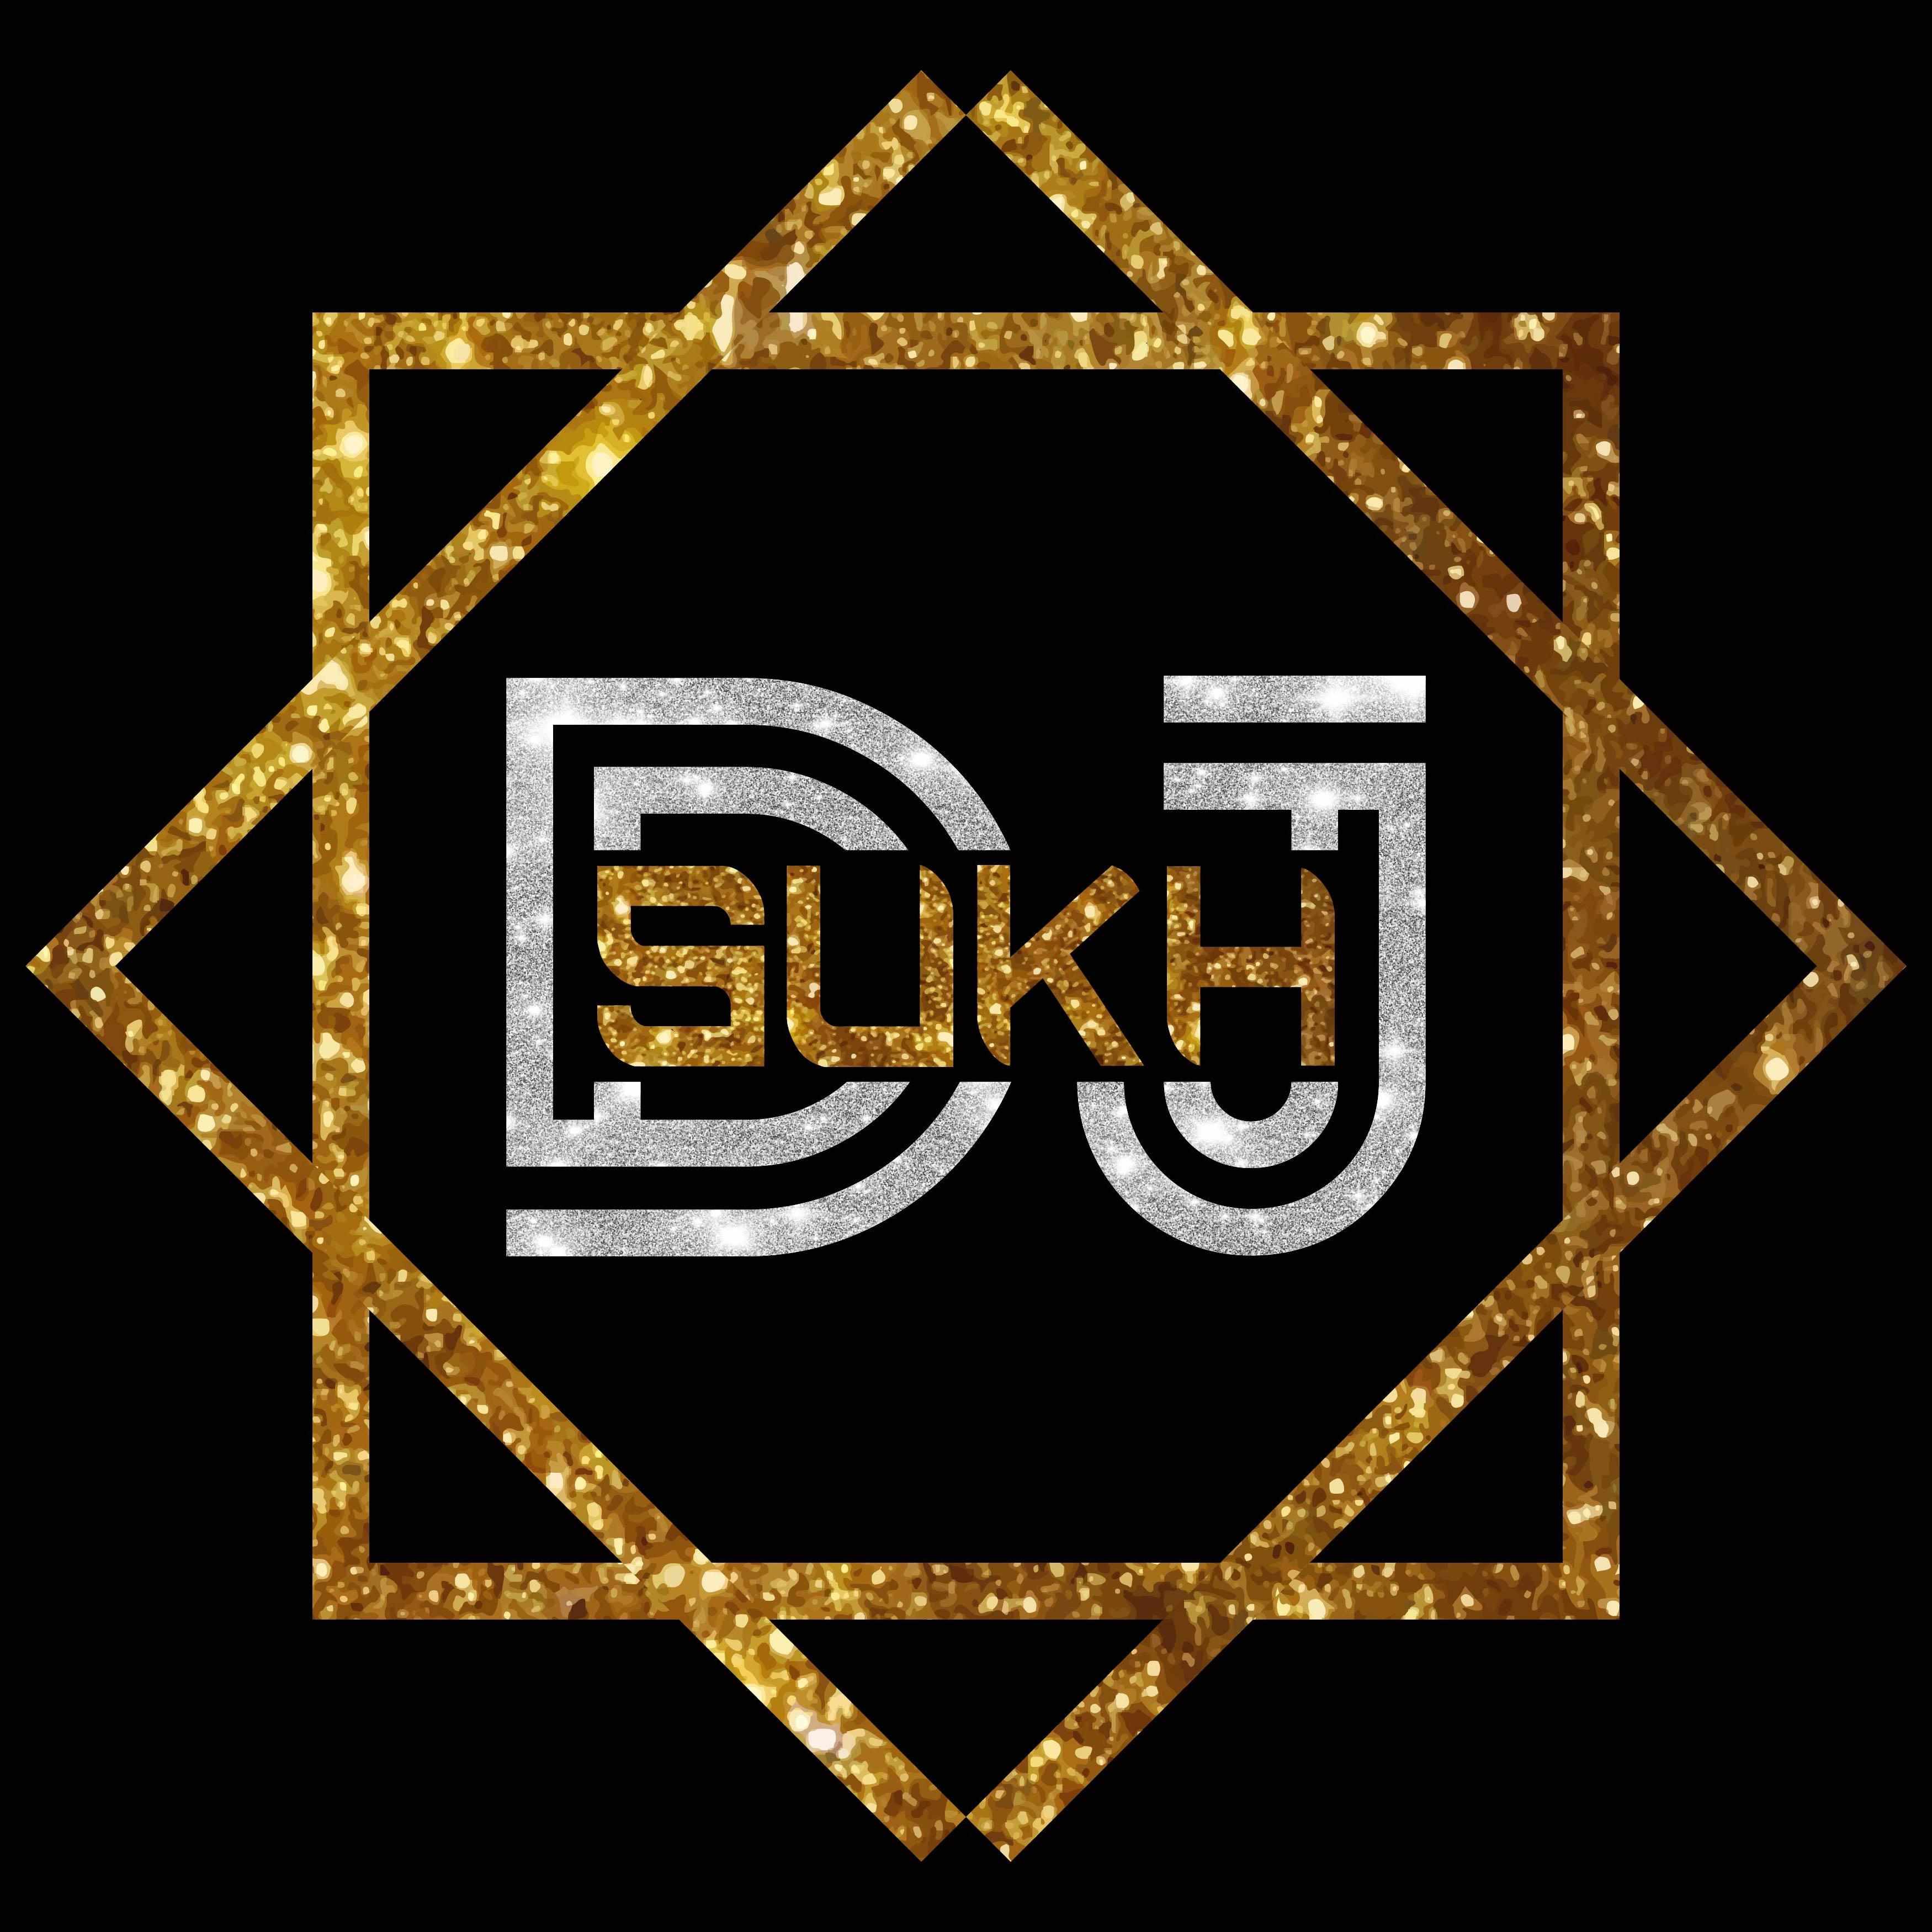 southall dj